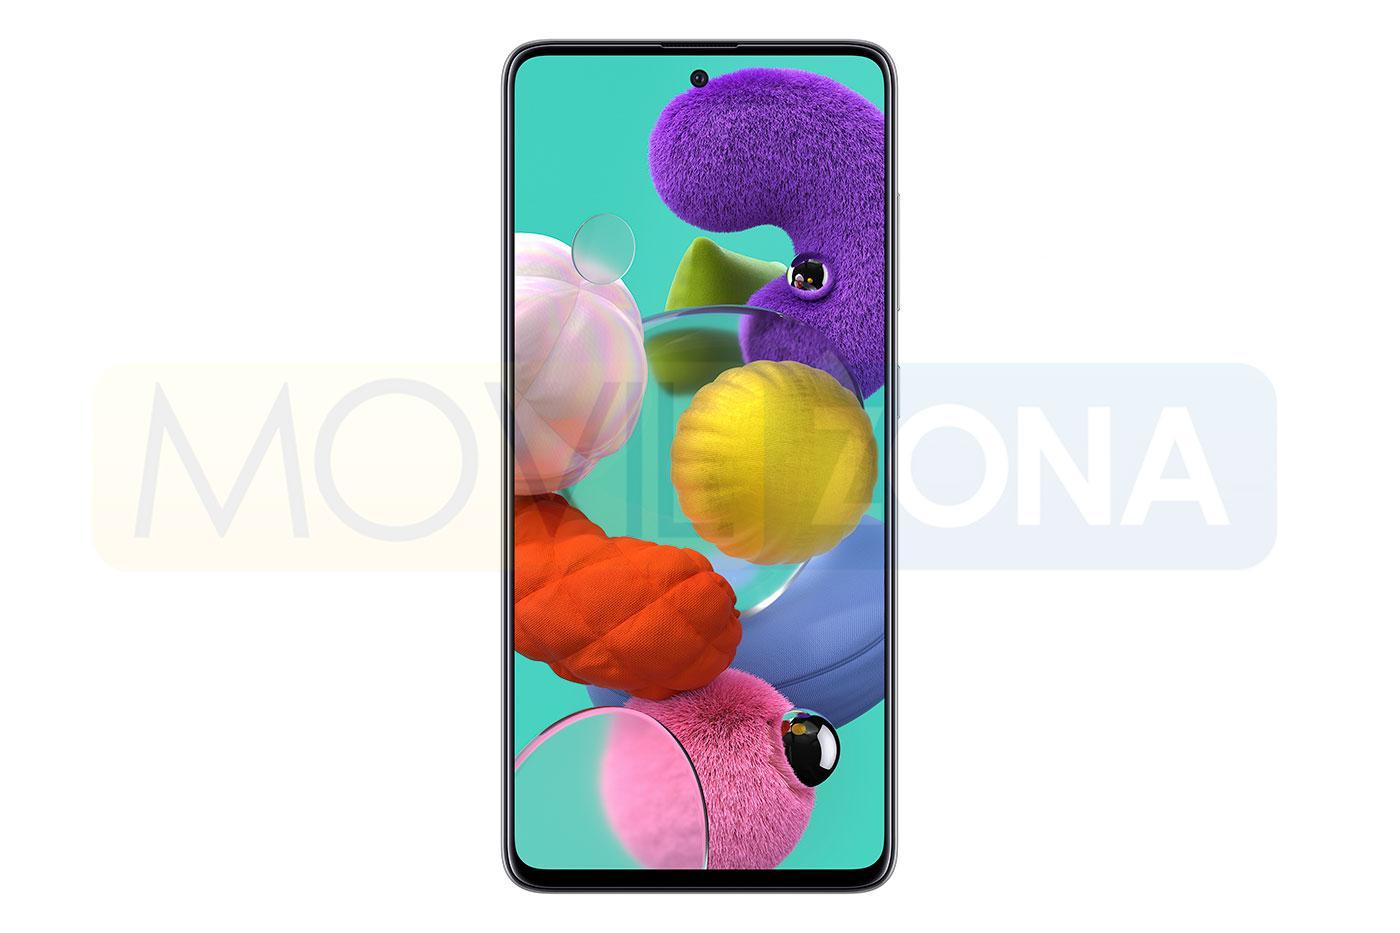 Samsung Galaxy A51 frontal